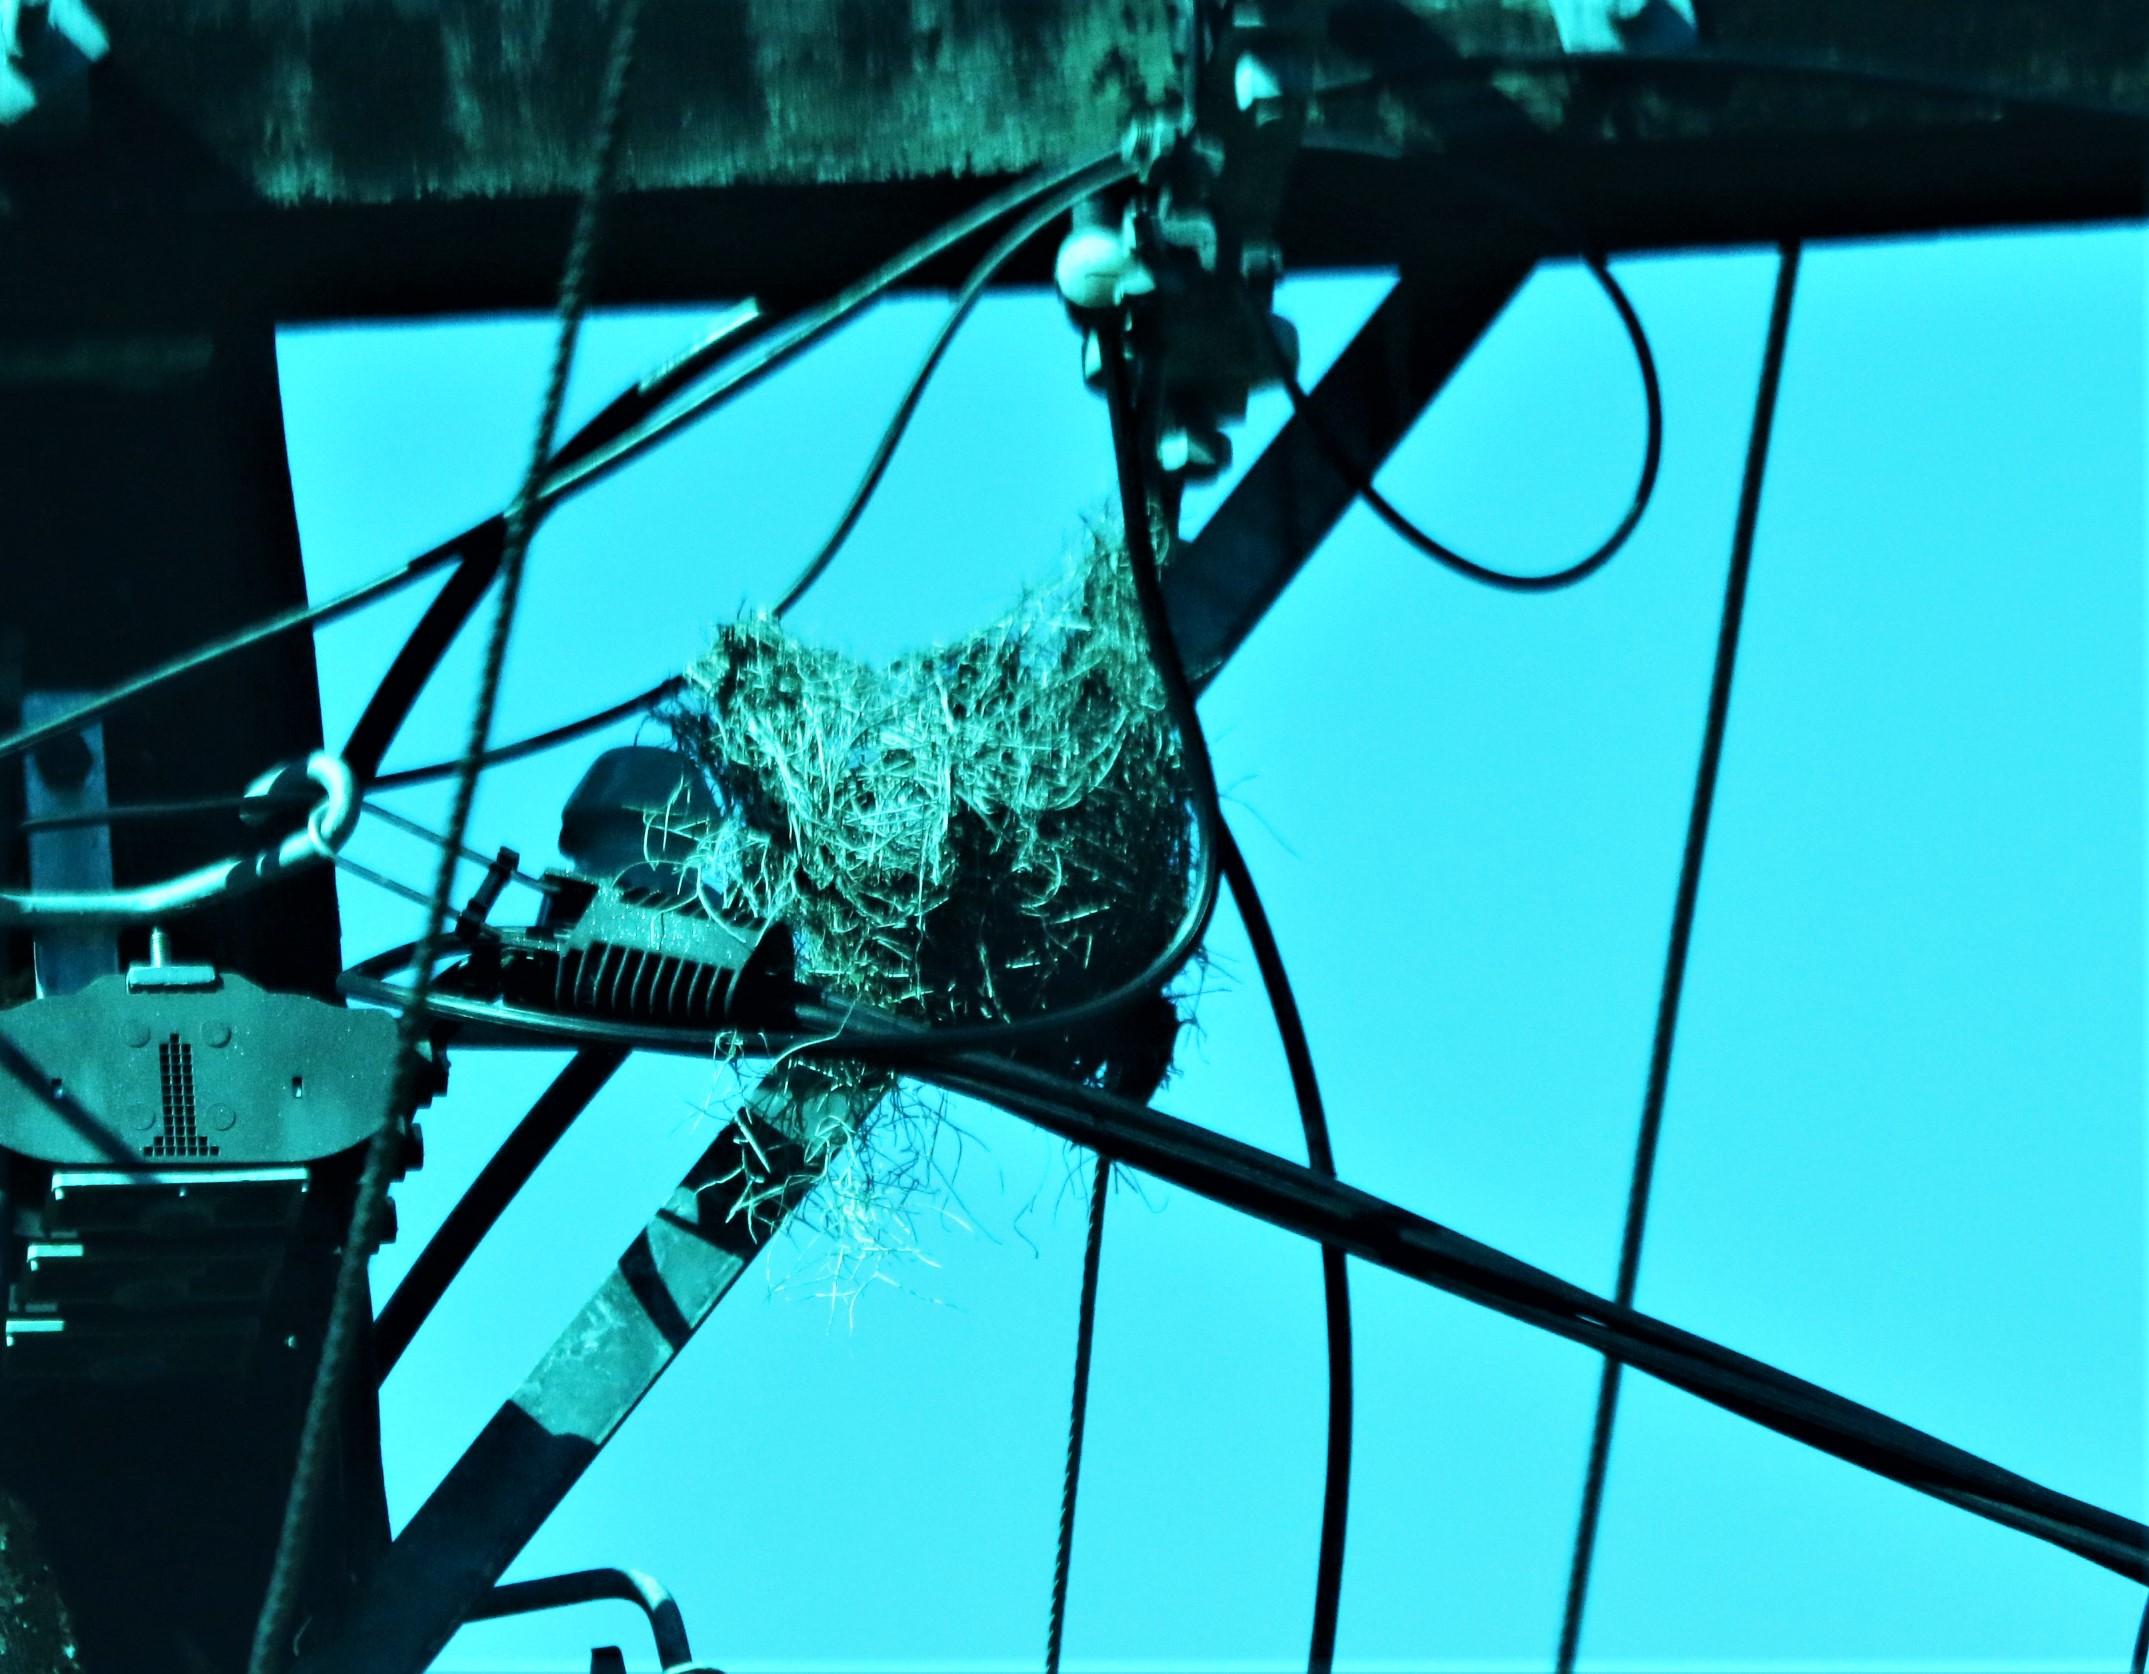 nest, Blue-faced honeyeater